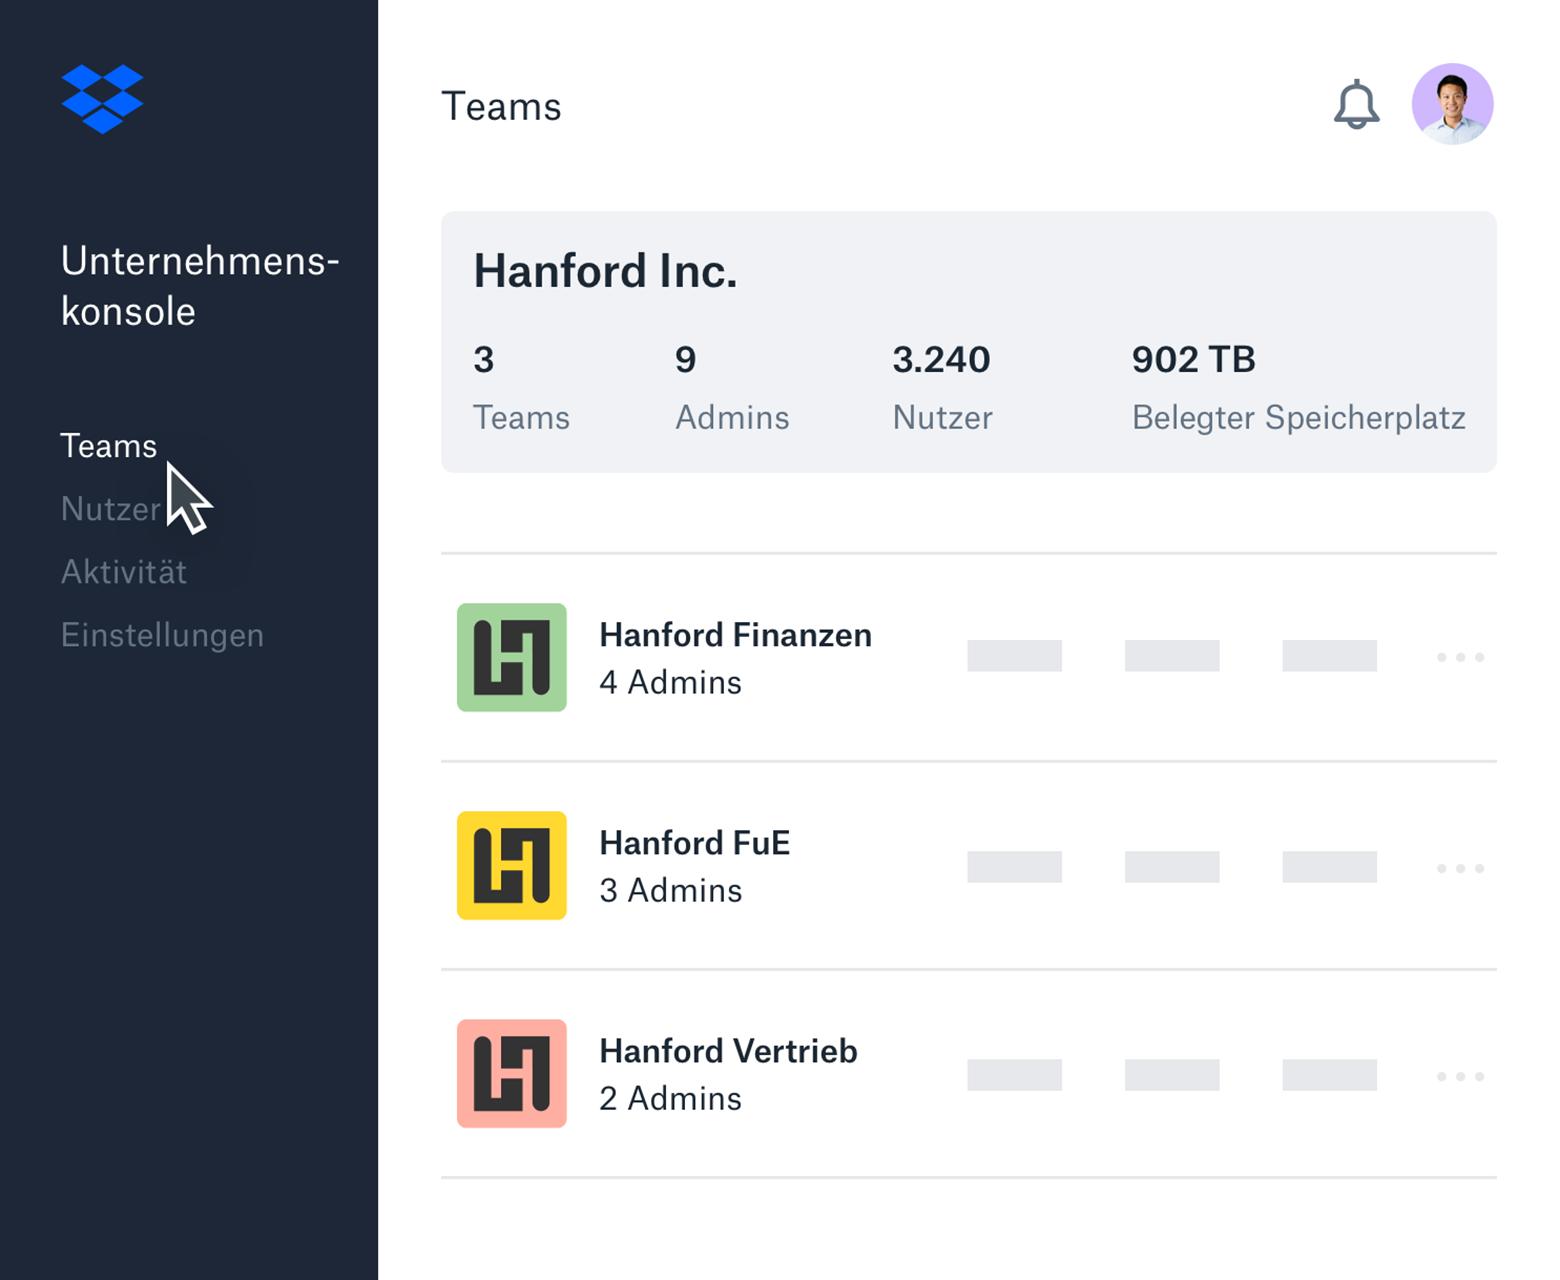 Beispiel der Oberfläche der Unternehmenskonsole von Dropbox mit einer Liste der untergeordneten Teams und einer Übersicht der Teammitglieder.